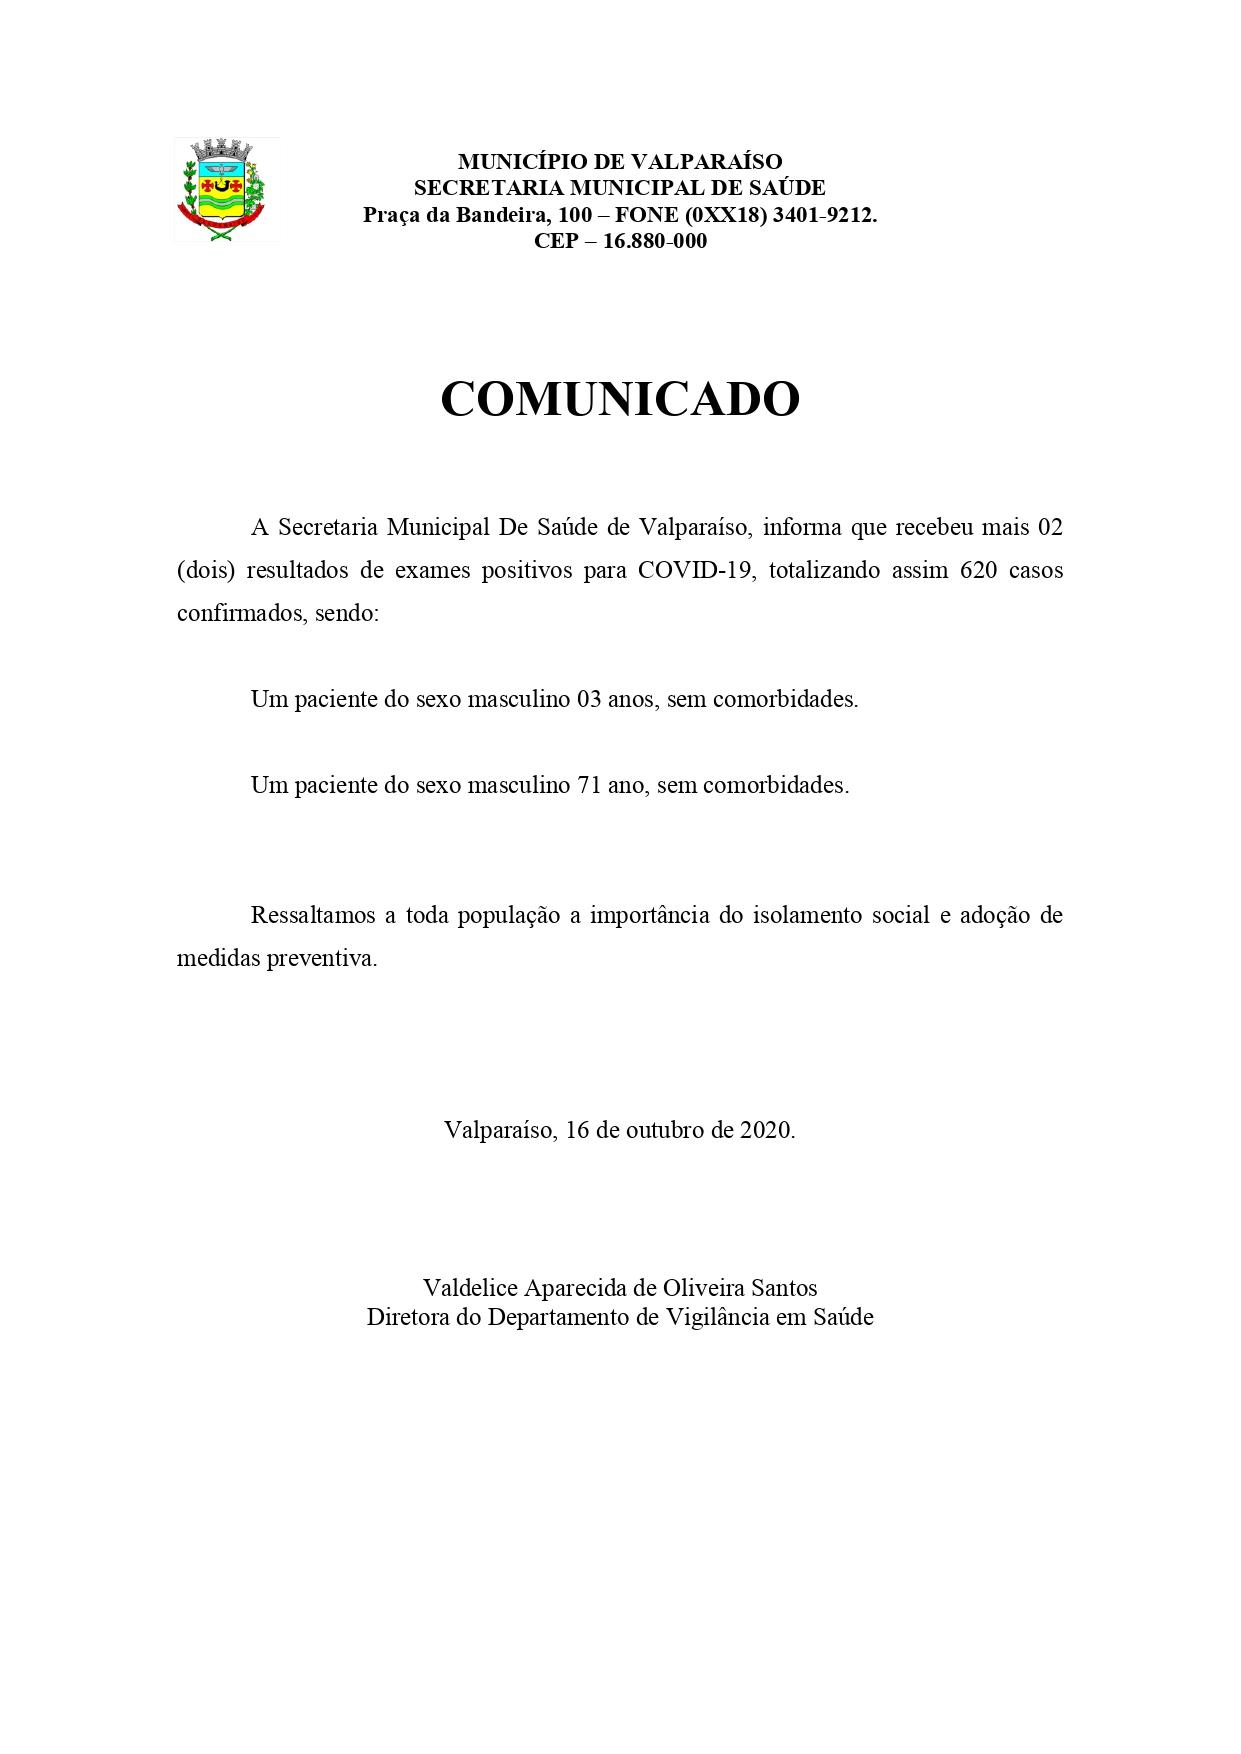 covid620